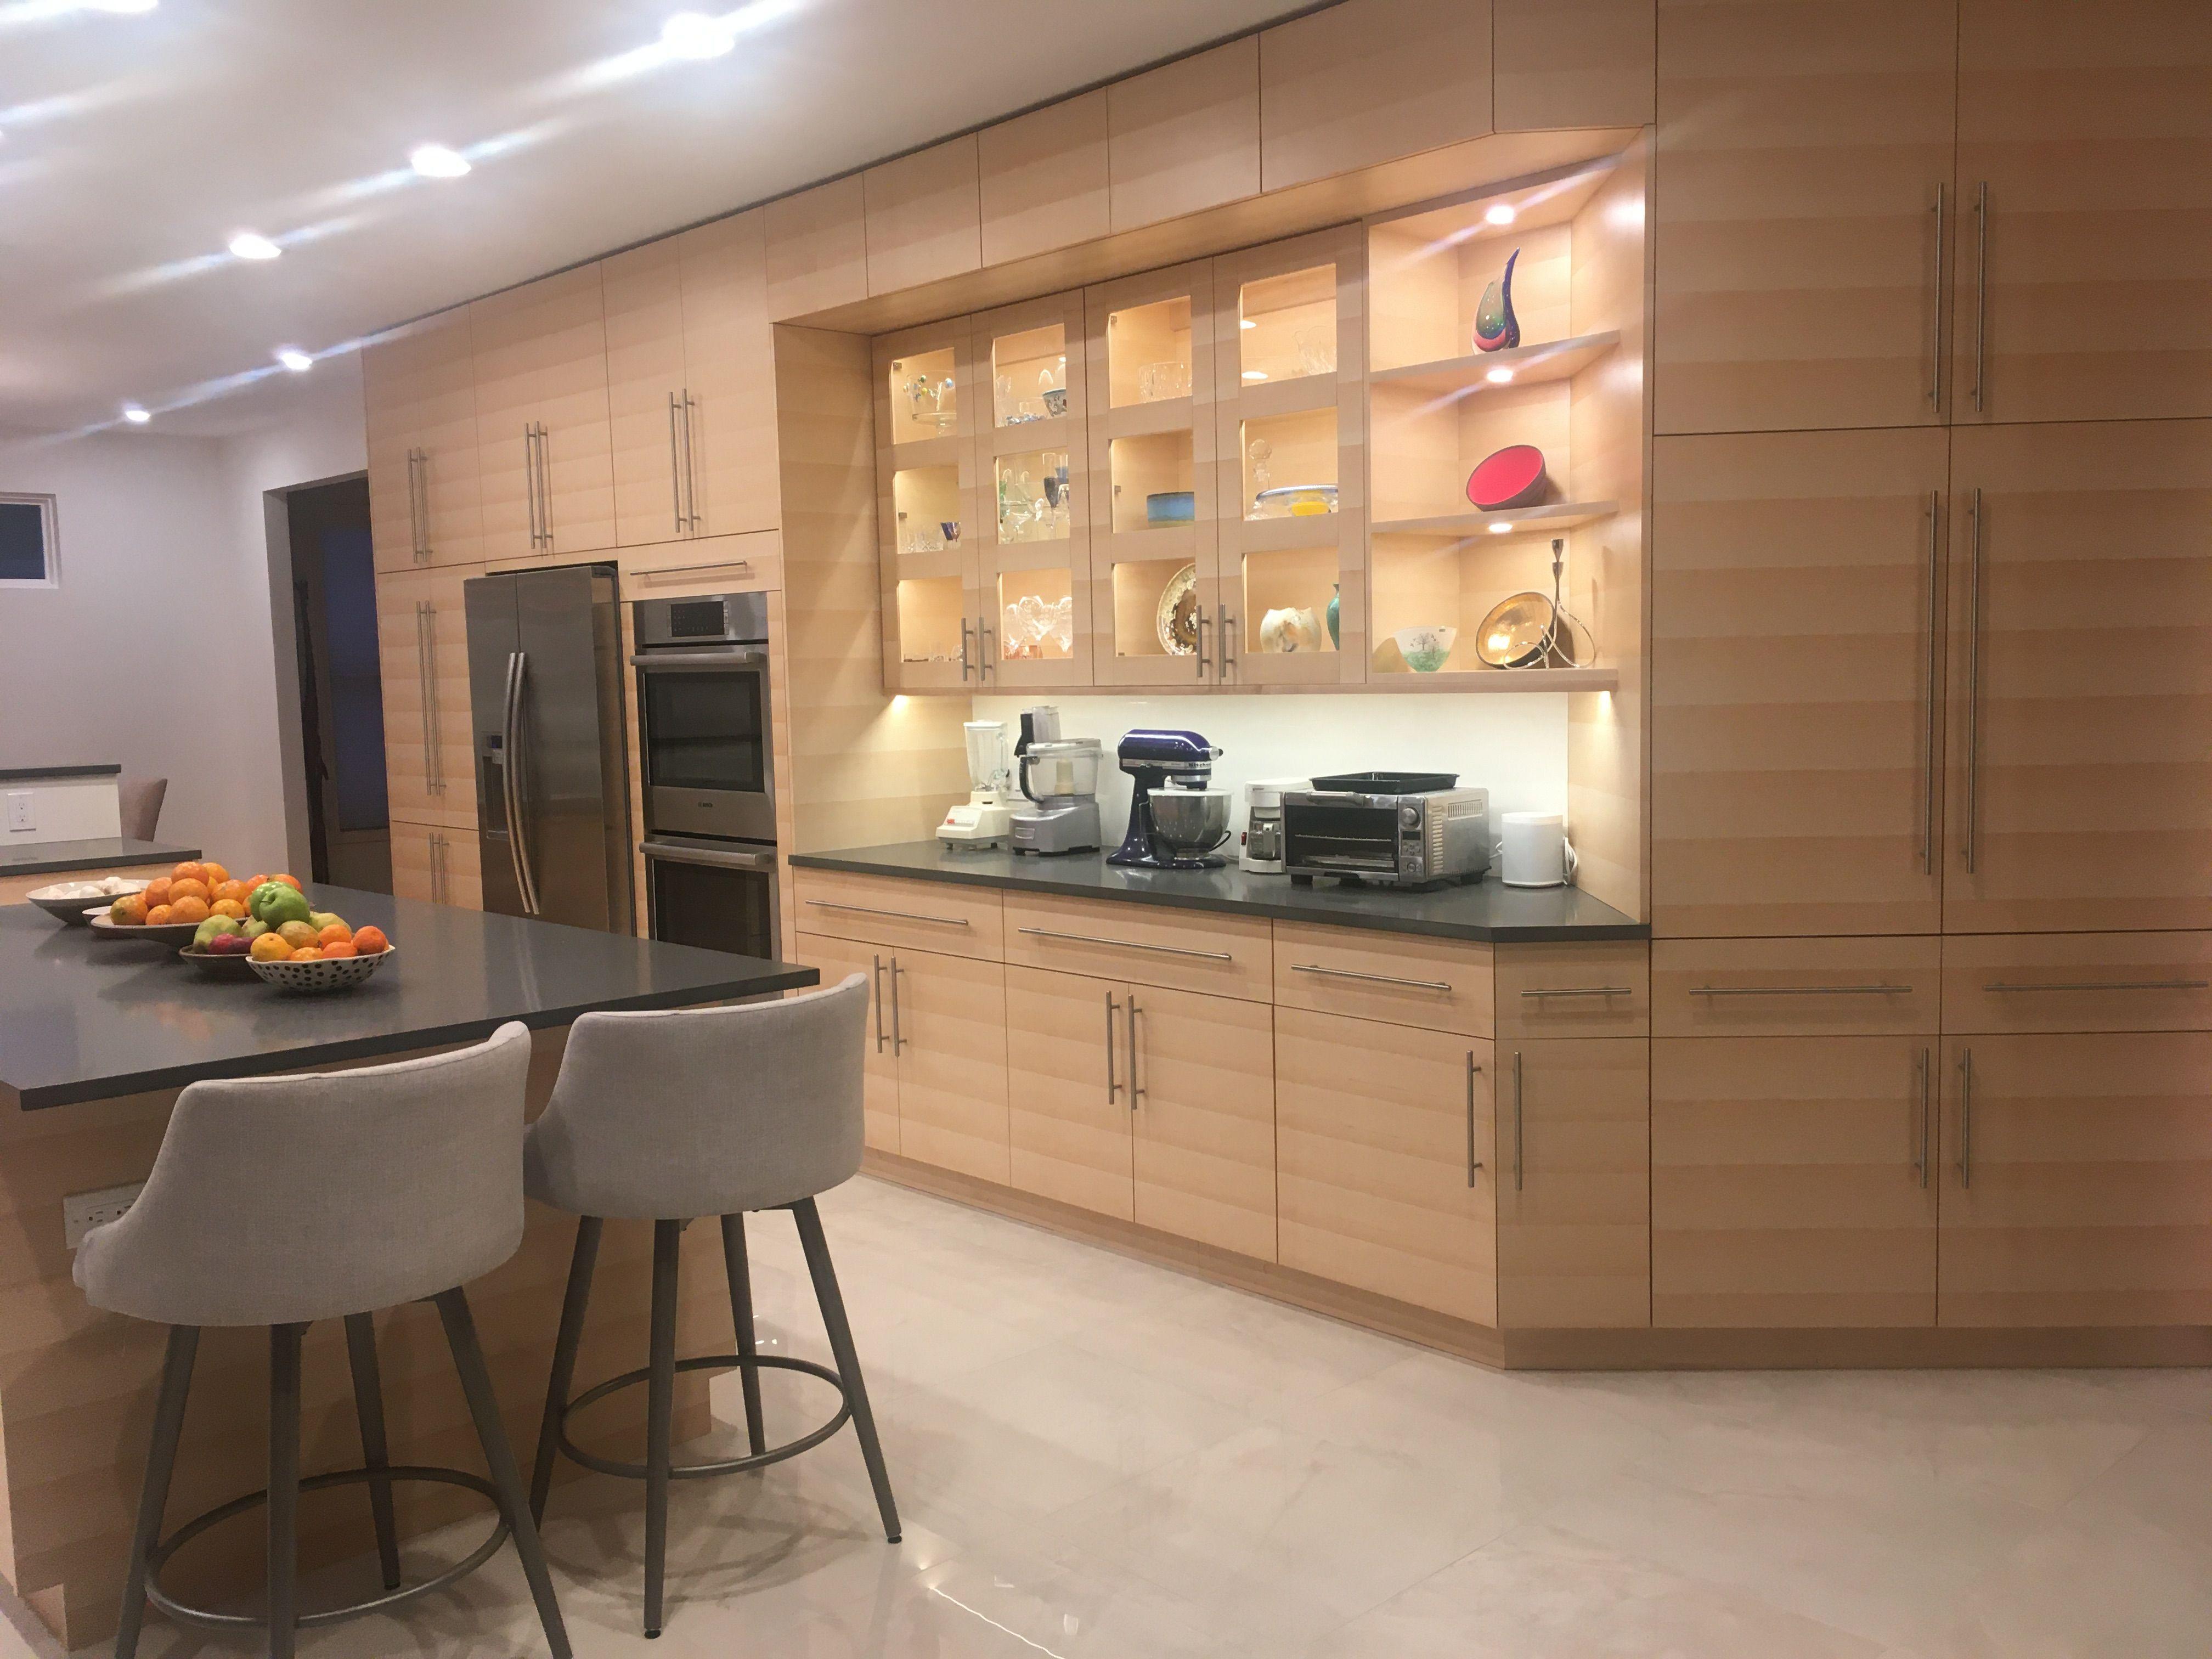 Ann Arbor Contemporary Kitchen In 2020 Contemporary Kitchen Kitchen Nickel Steel